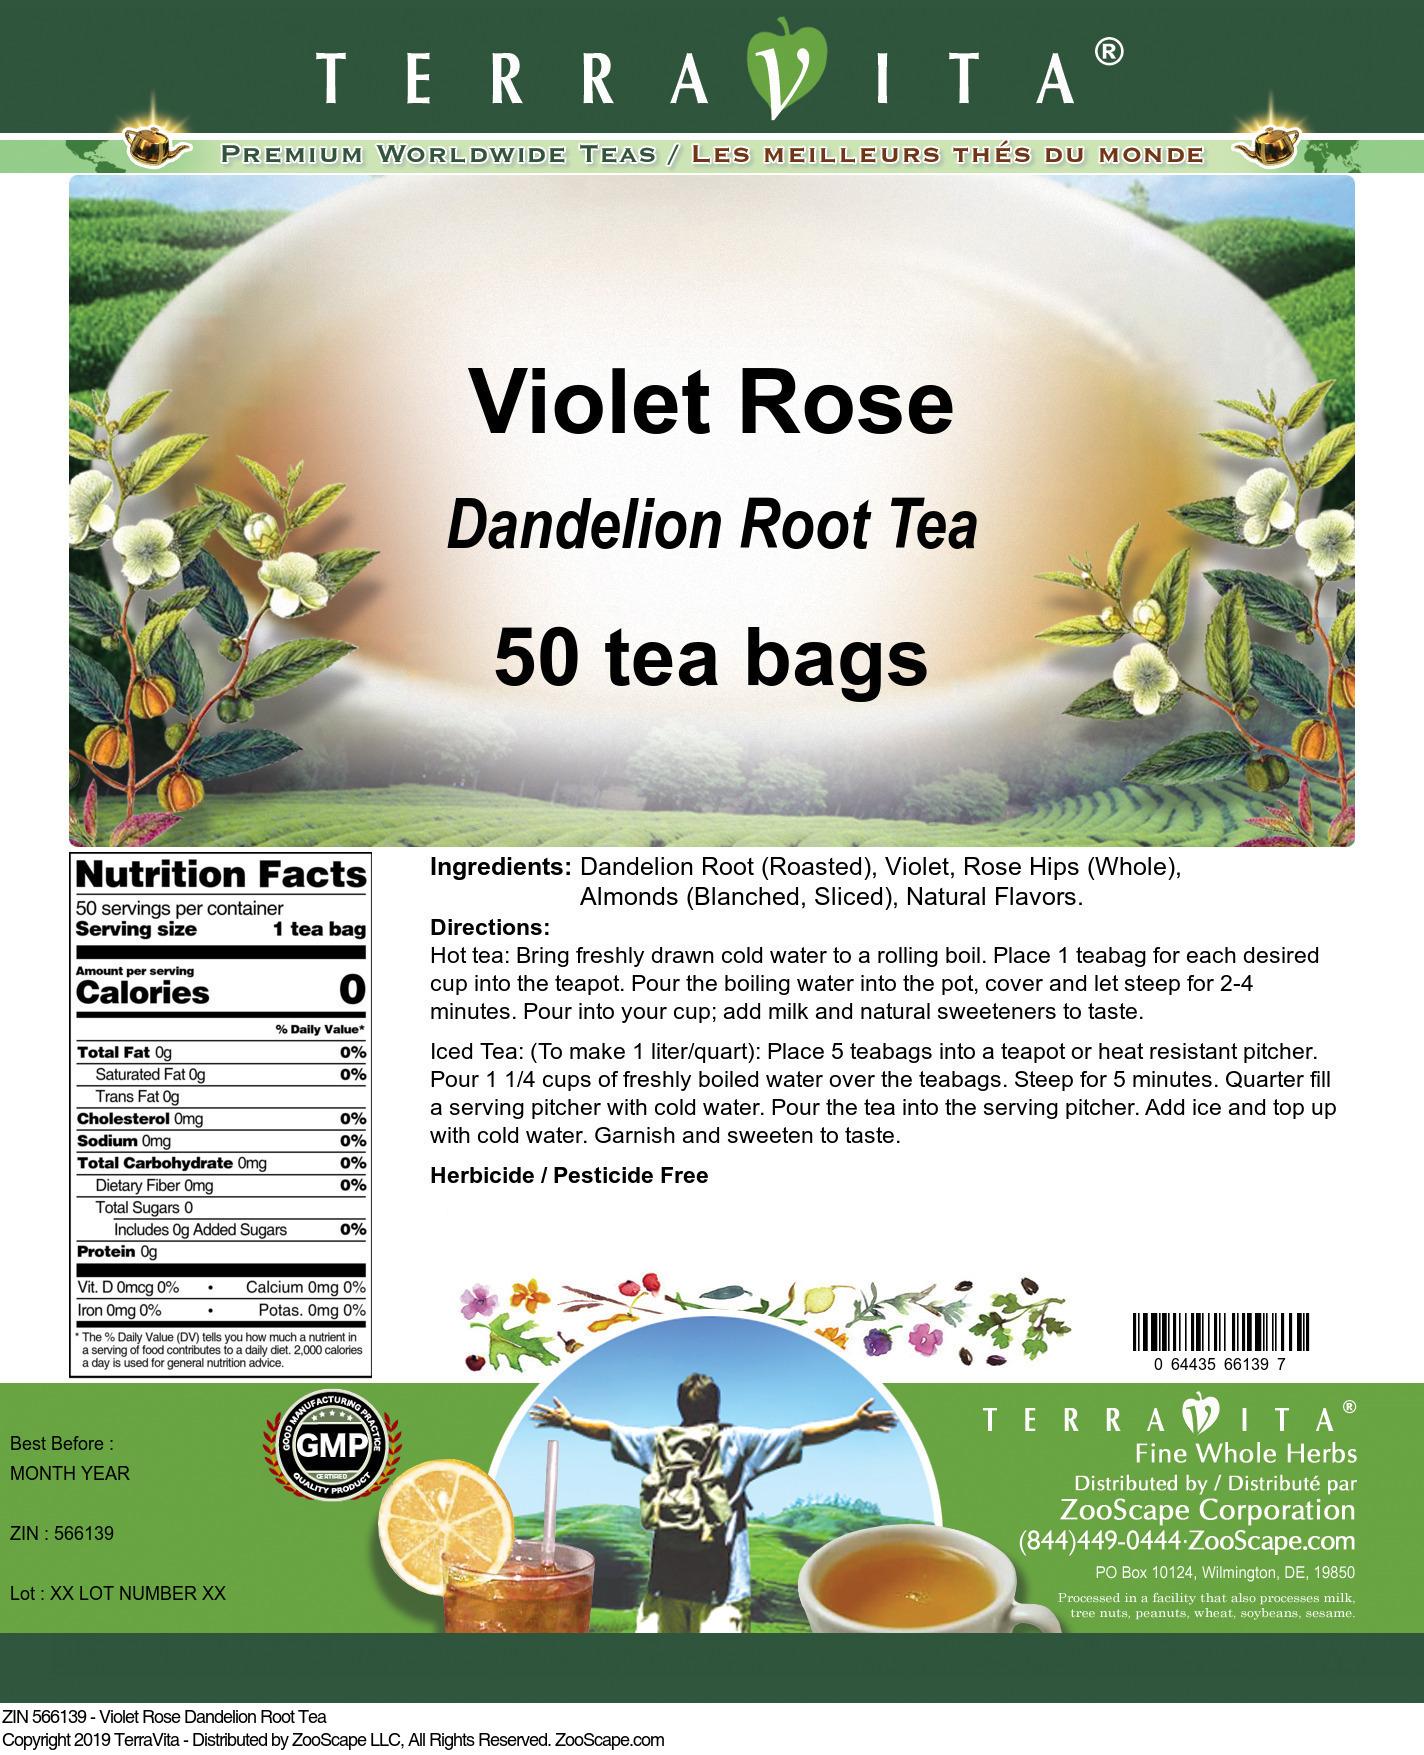 Violet Rose Dandelion Root Tea